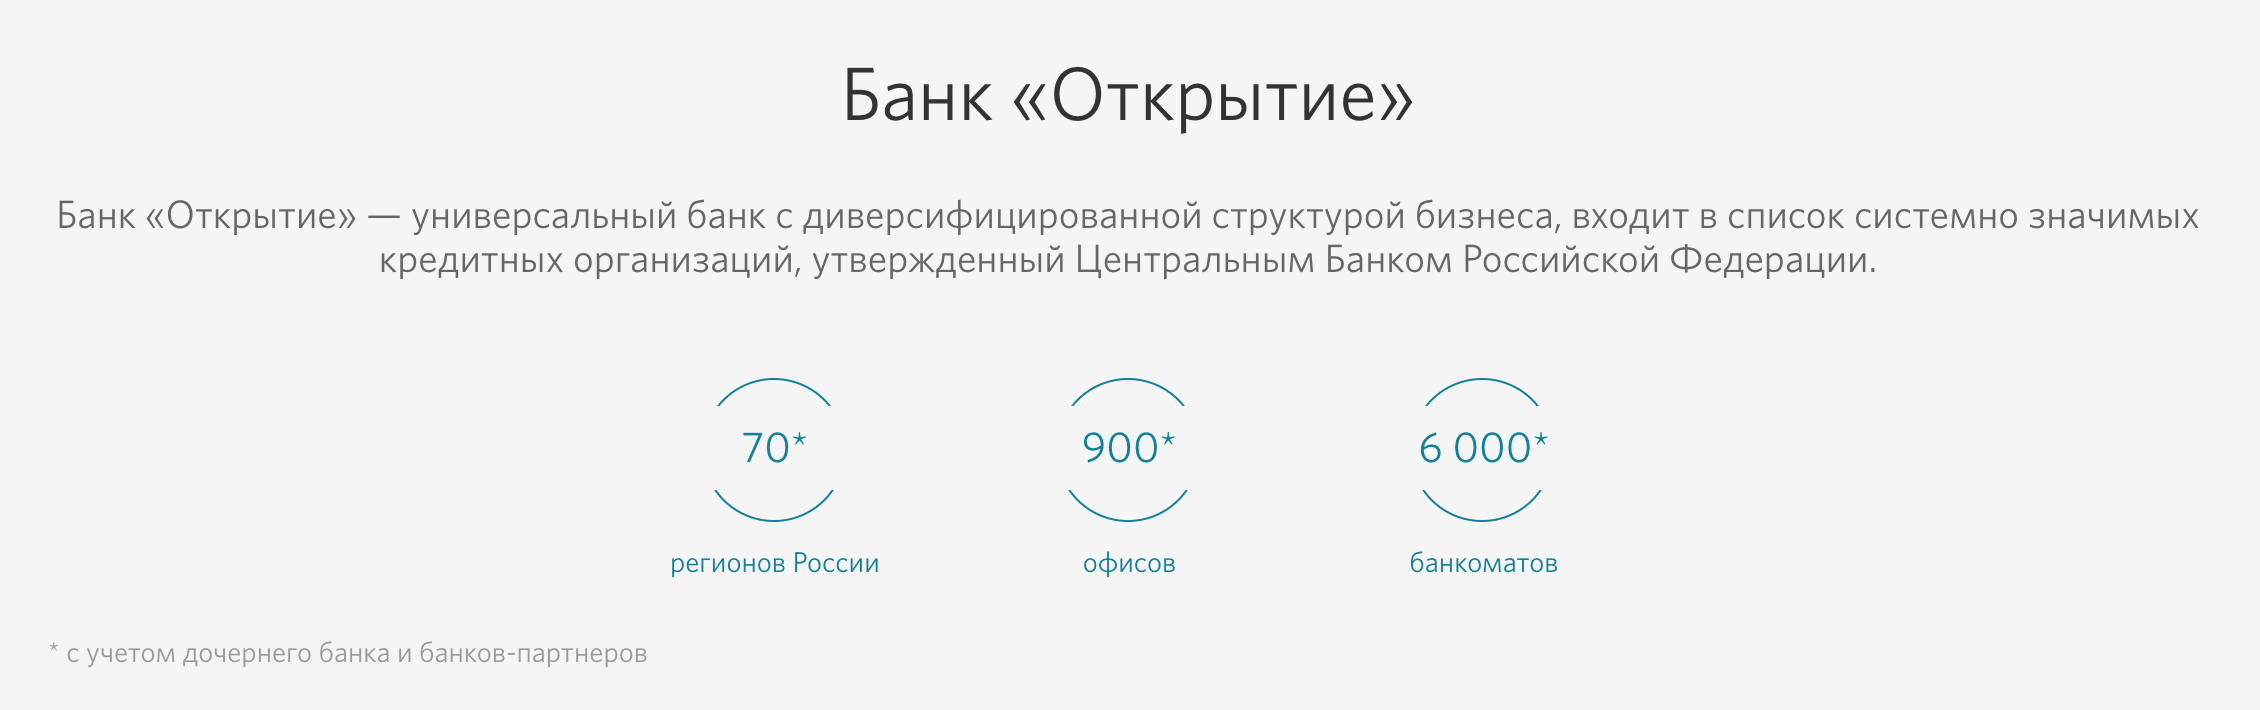 Банк открытие кредит для ип наличными